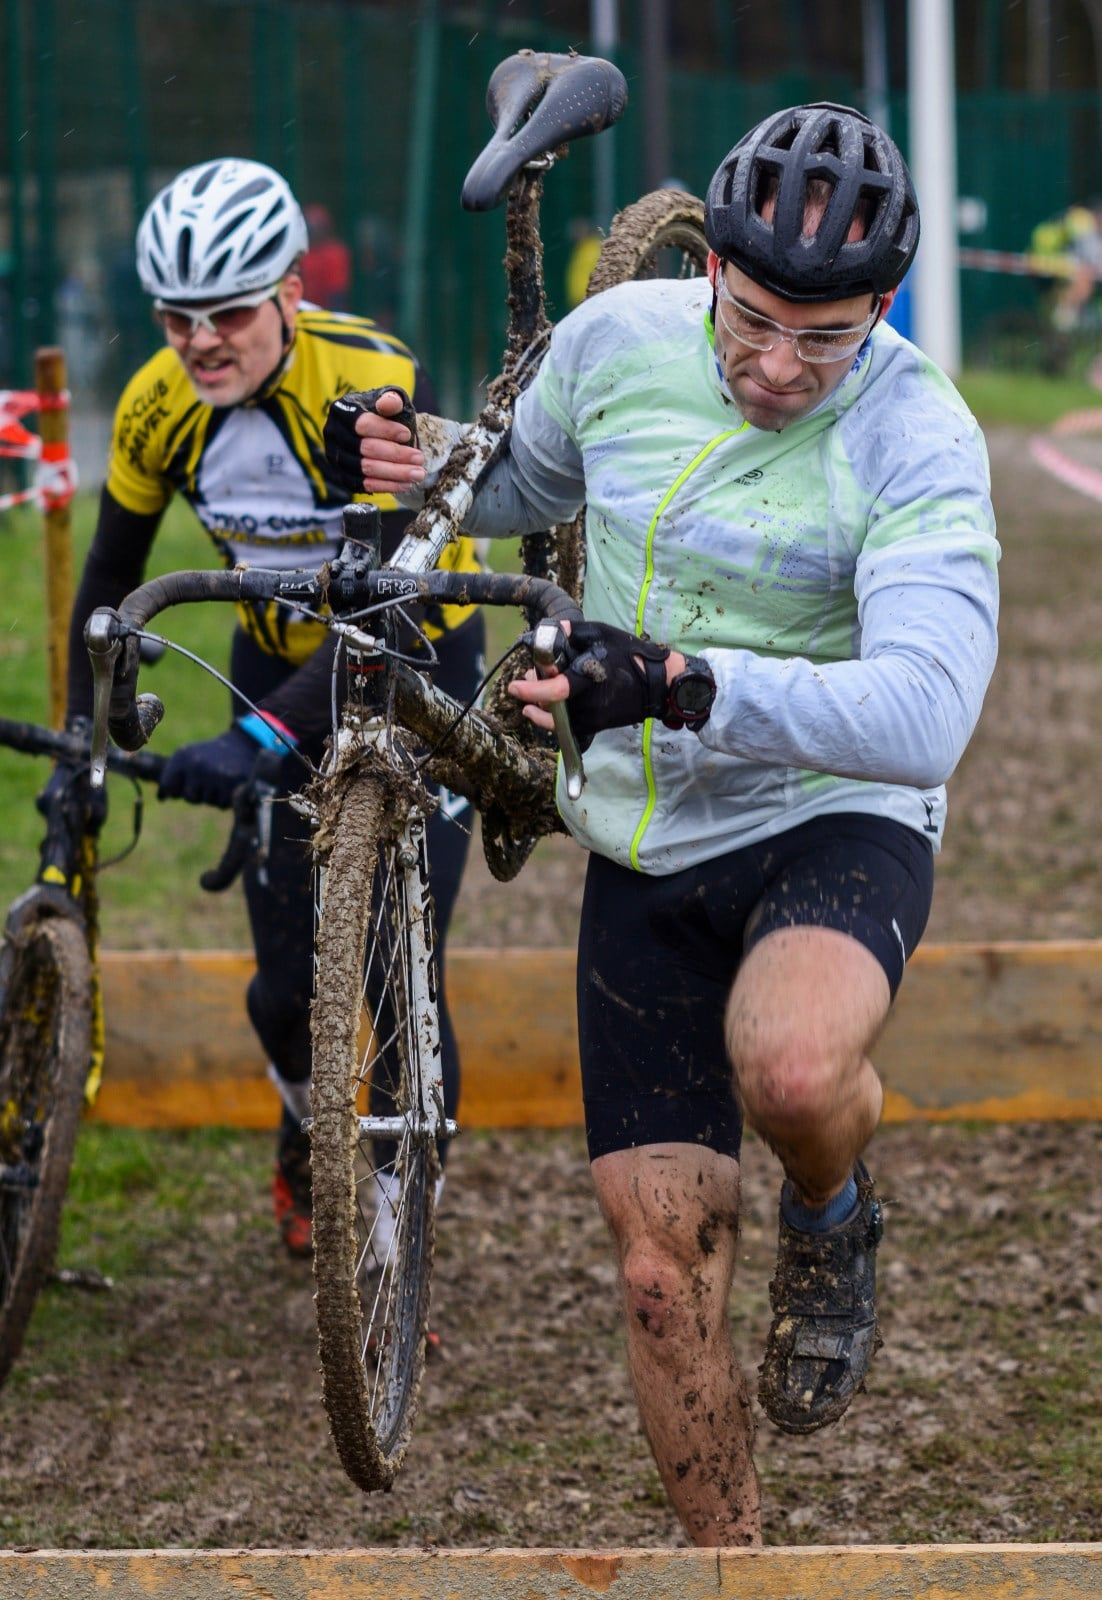 Un cyclo-cross plein de boue